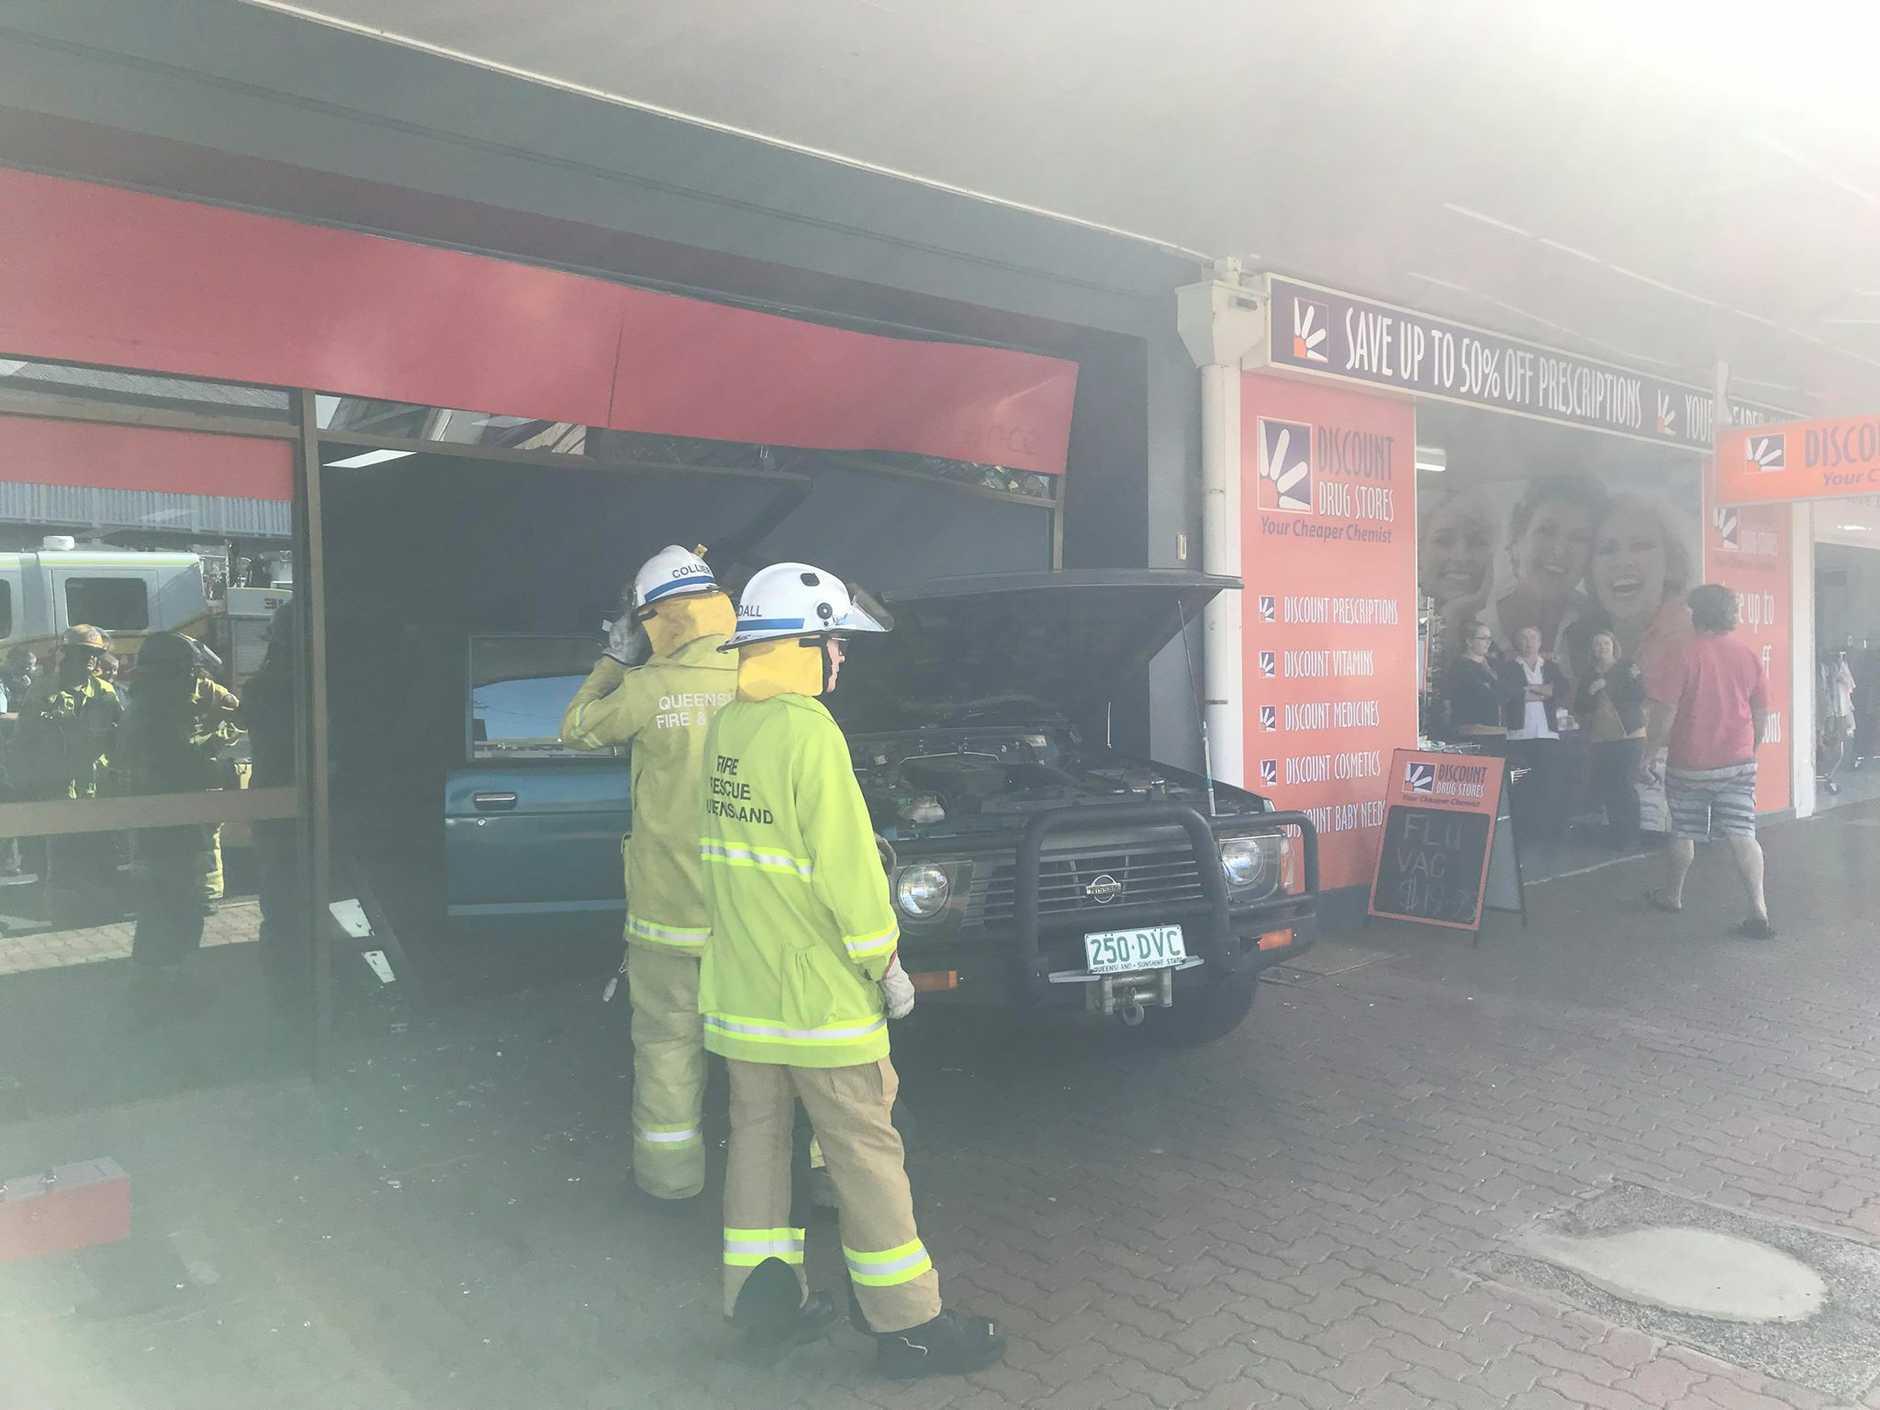 A 4WD has smashed through a shopfront on Kingaroy St, Kingaroy.